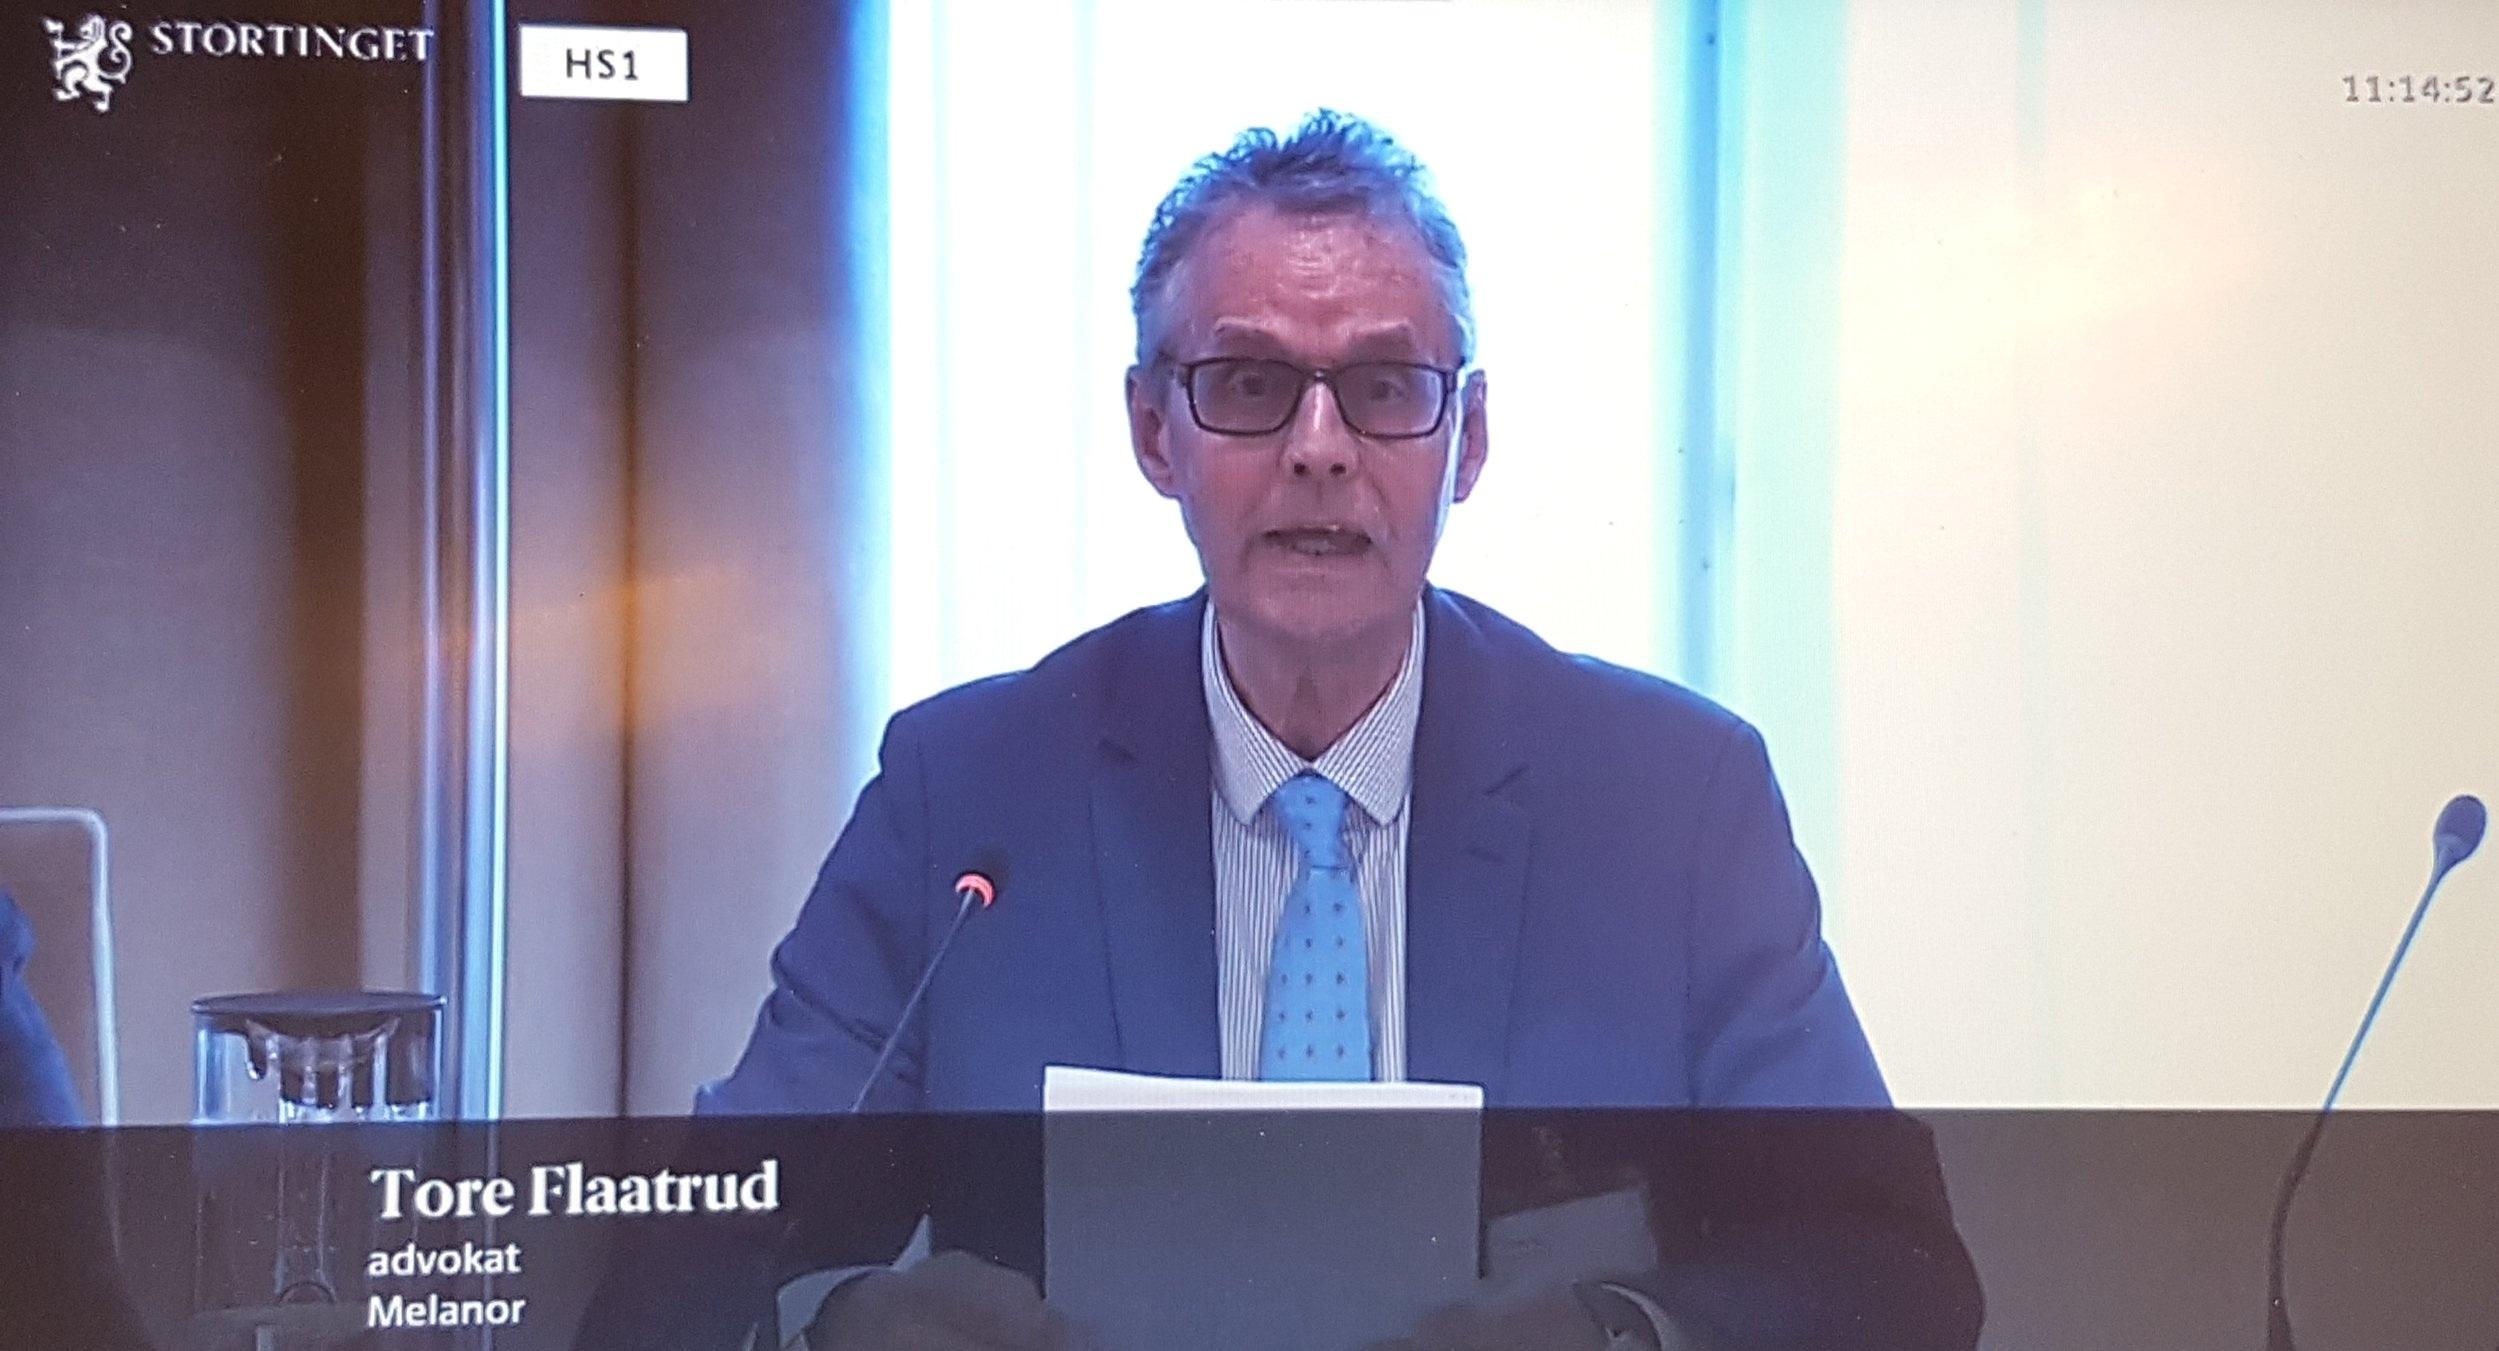 Advokat Tore Flaatrud og seniorrådgiver Henriette Jovik deltok i høring på Stortinget.